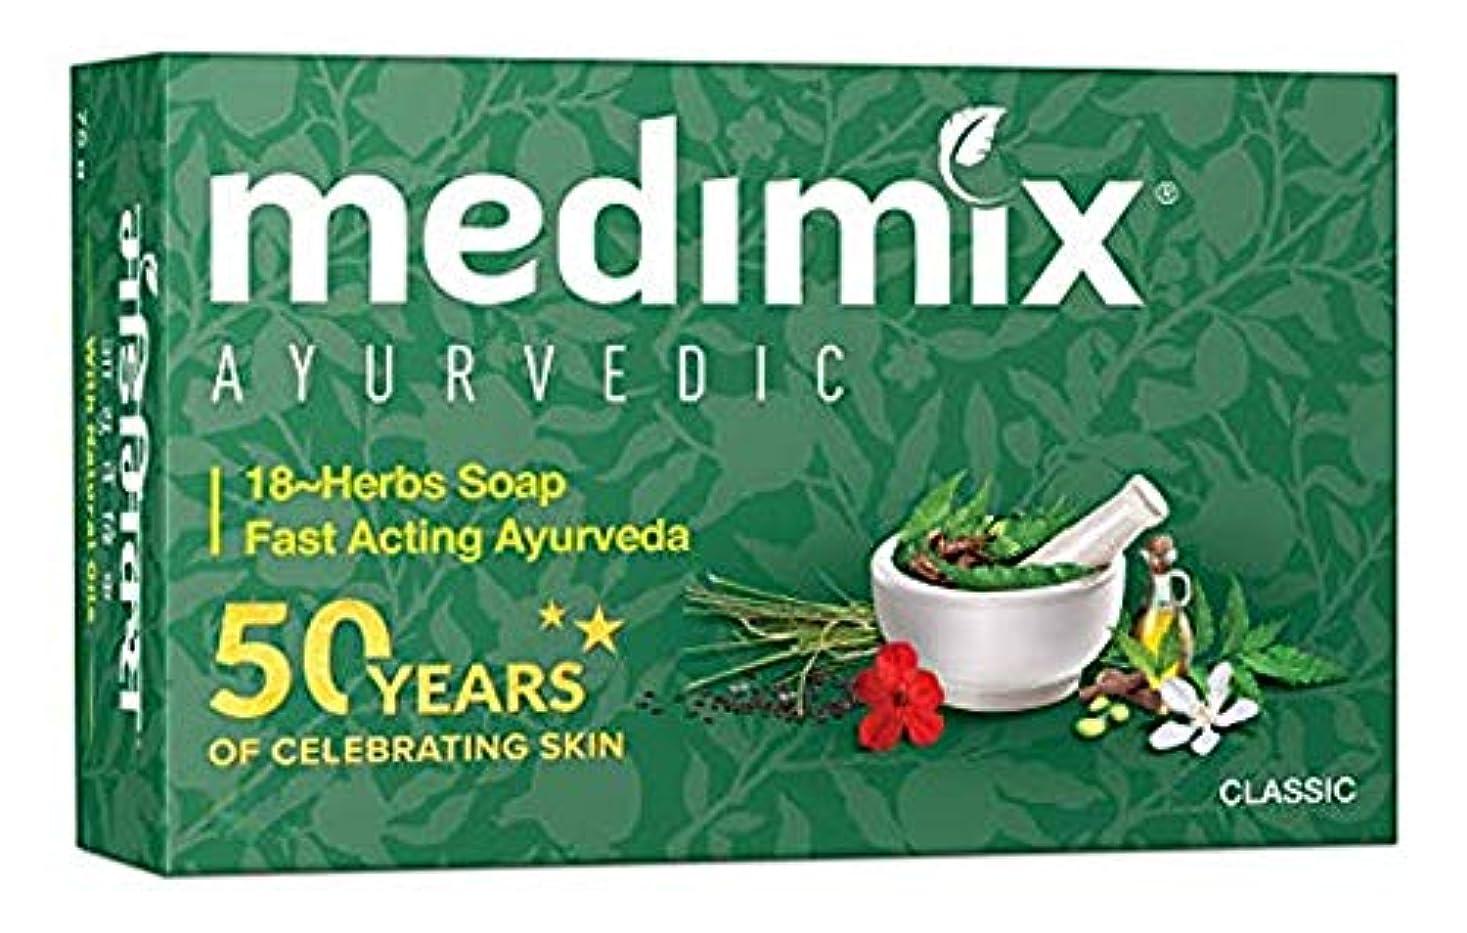 ブランド警告するワックスMEDIMIX メディミックス アーユルヴェーダ石鹸 18ハーブス20個セット(medimix classic 18-HERB AYURVEDA) 125g